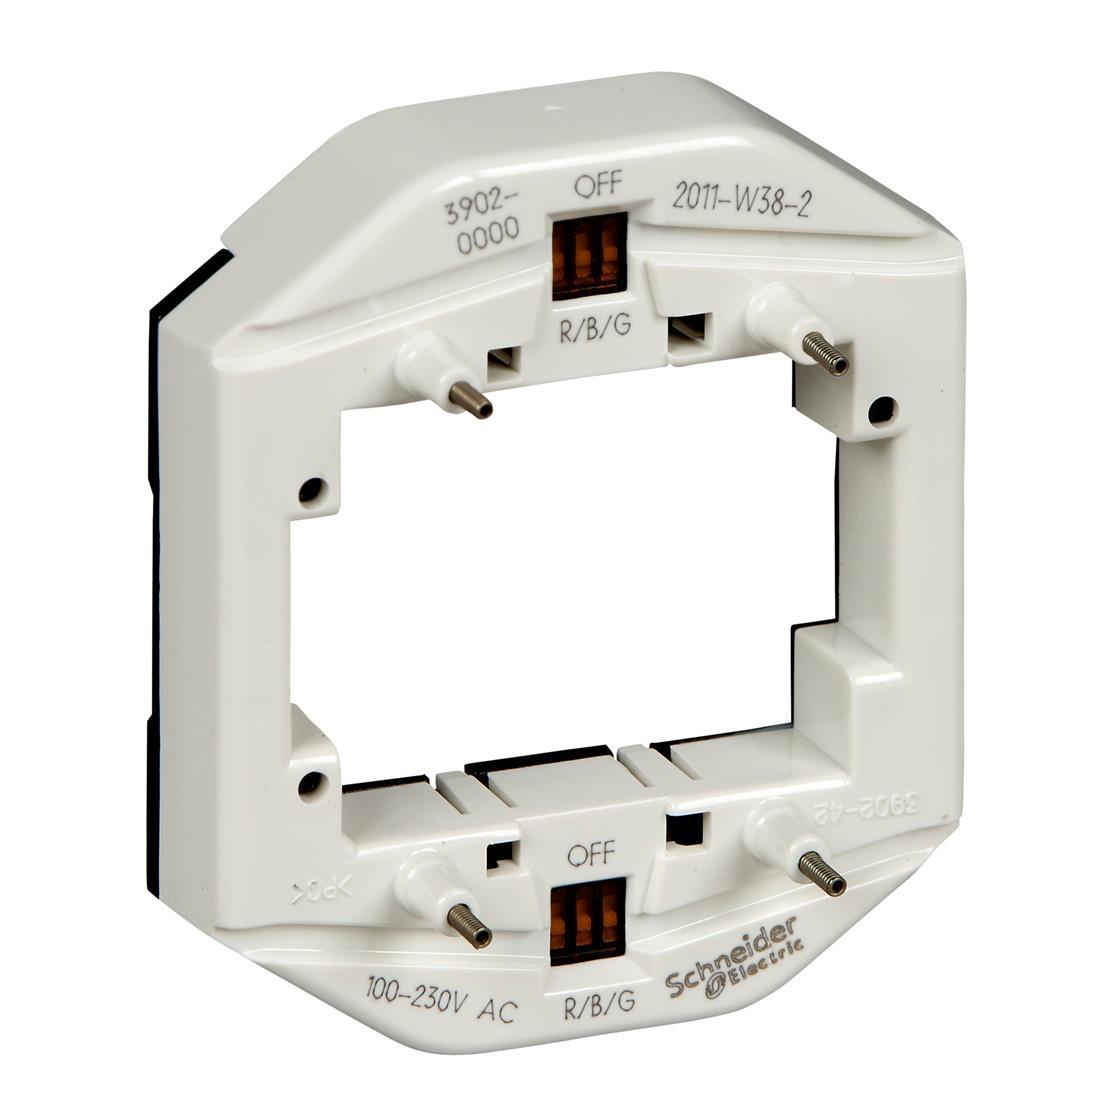 Schneider-Merten LED verlichtingsmodule voor dubbele schakelaar 100-230V - multicolor (MTN3902-0000)